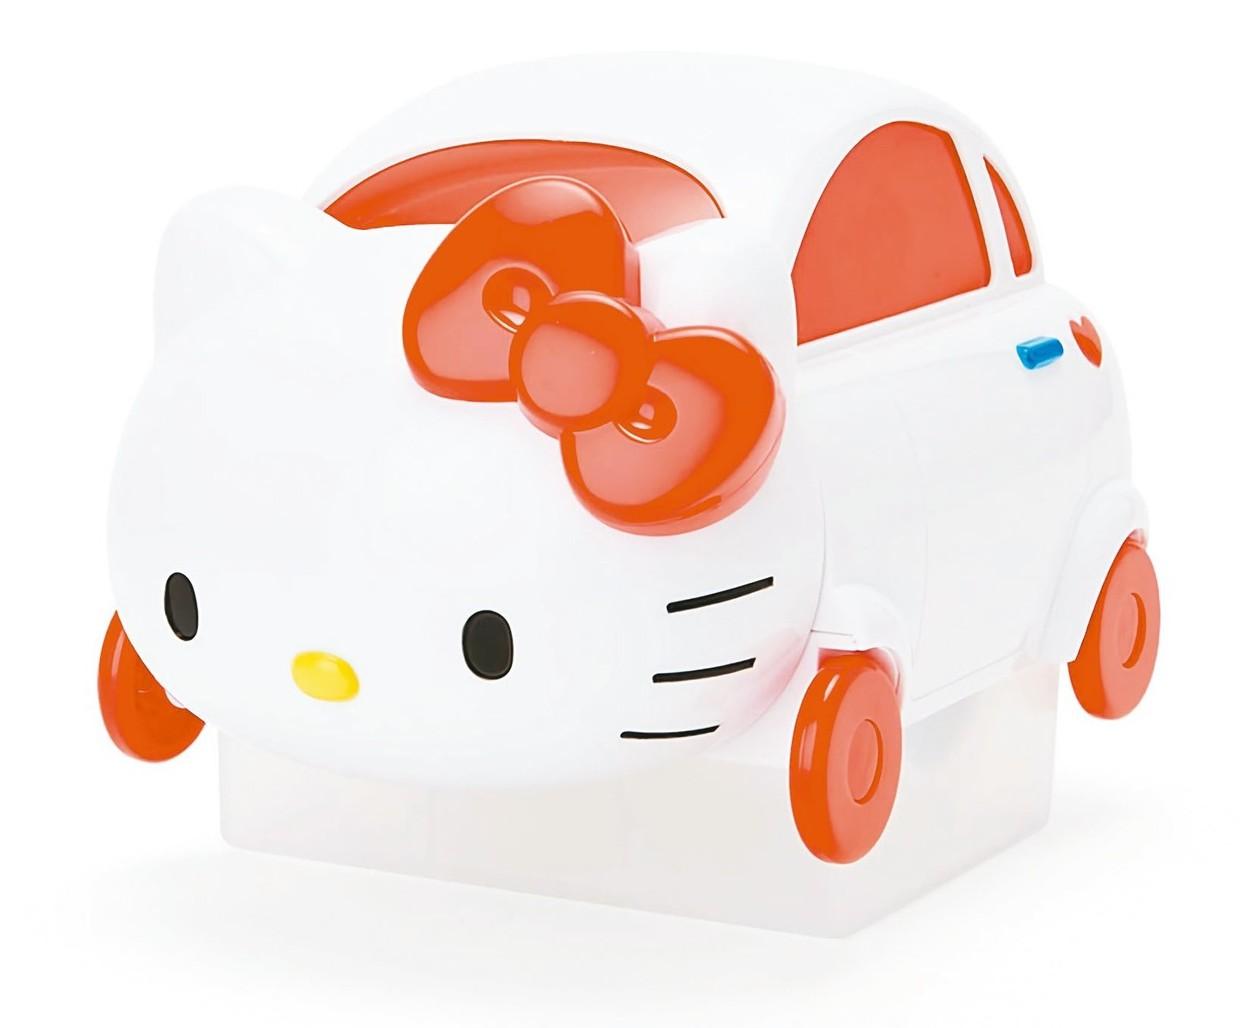 造型討喜的Hello Kitty汽車造型除塵滾輪。 圖/樂天市場提供